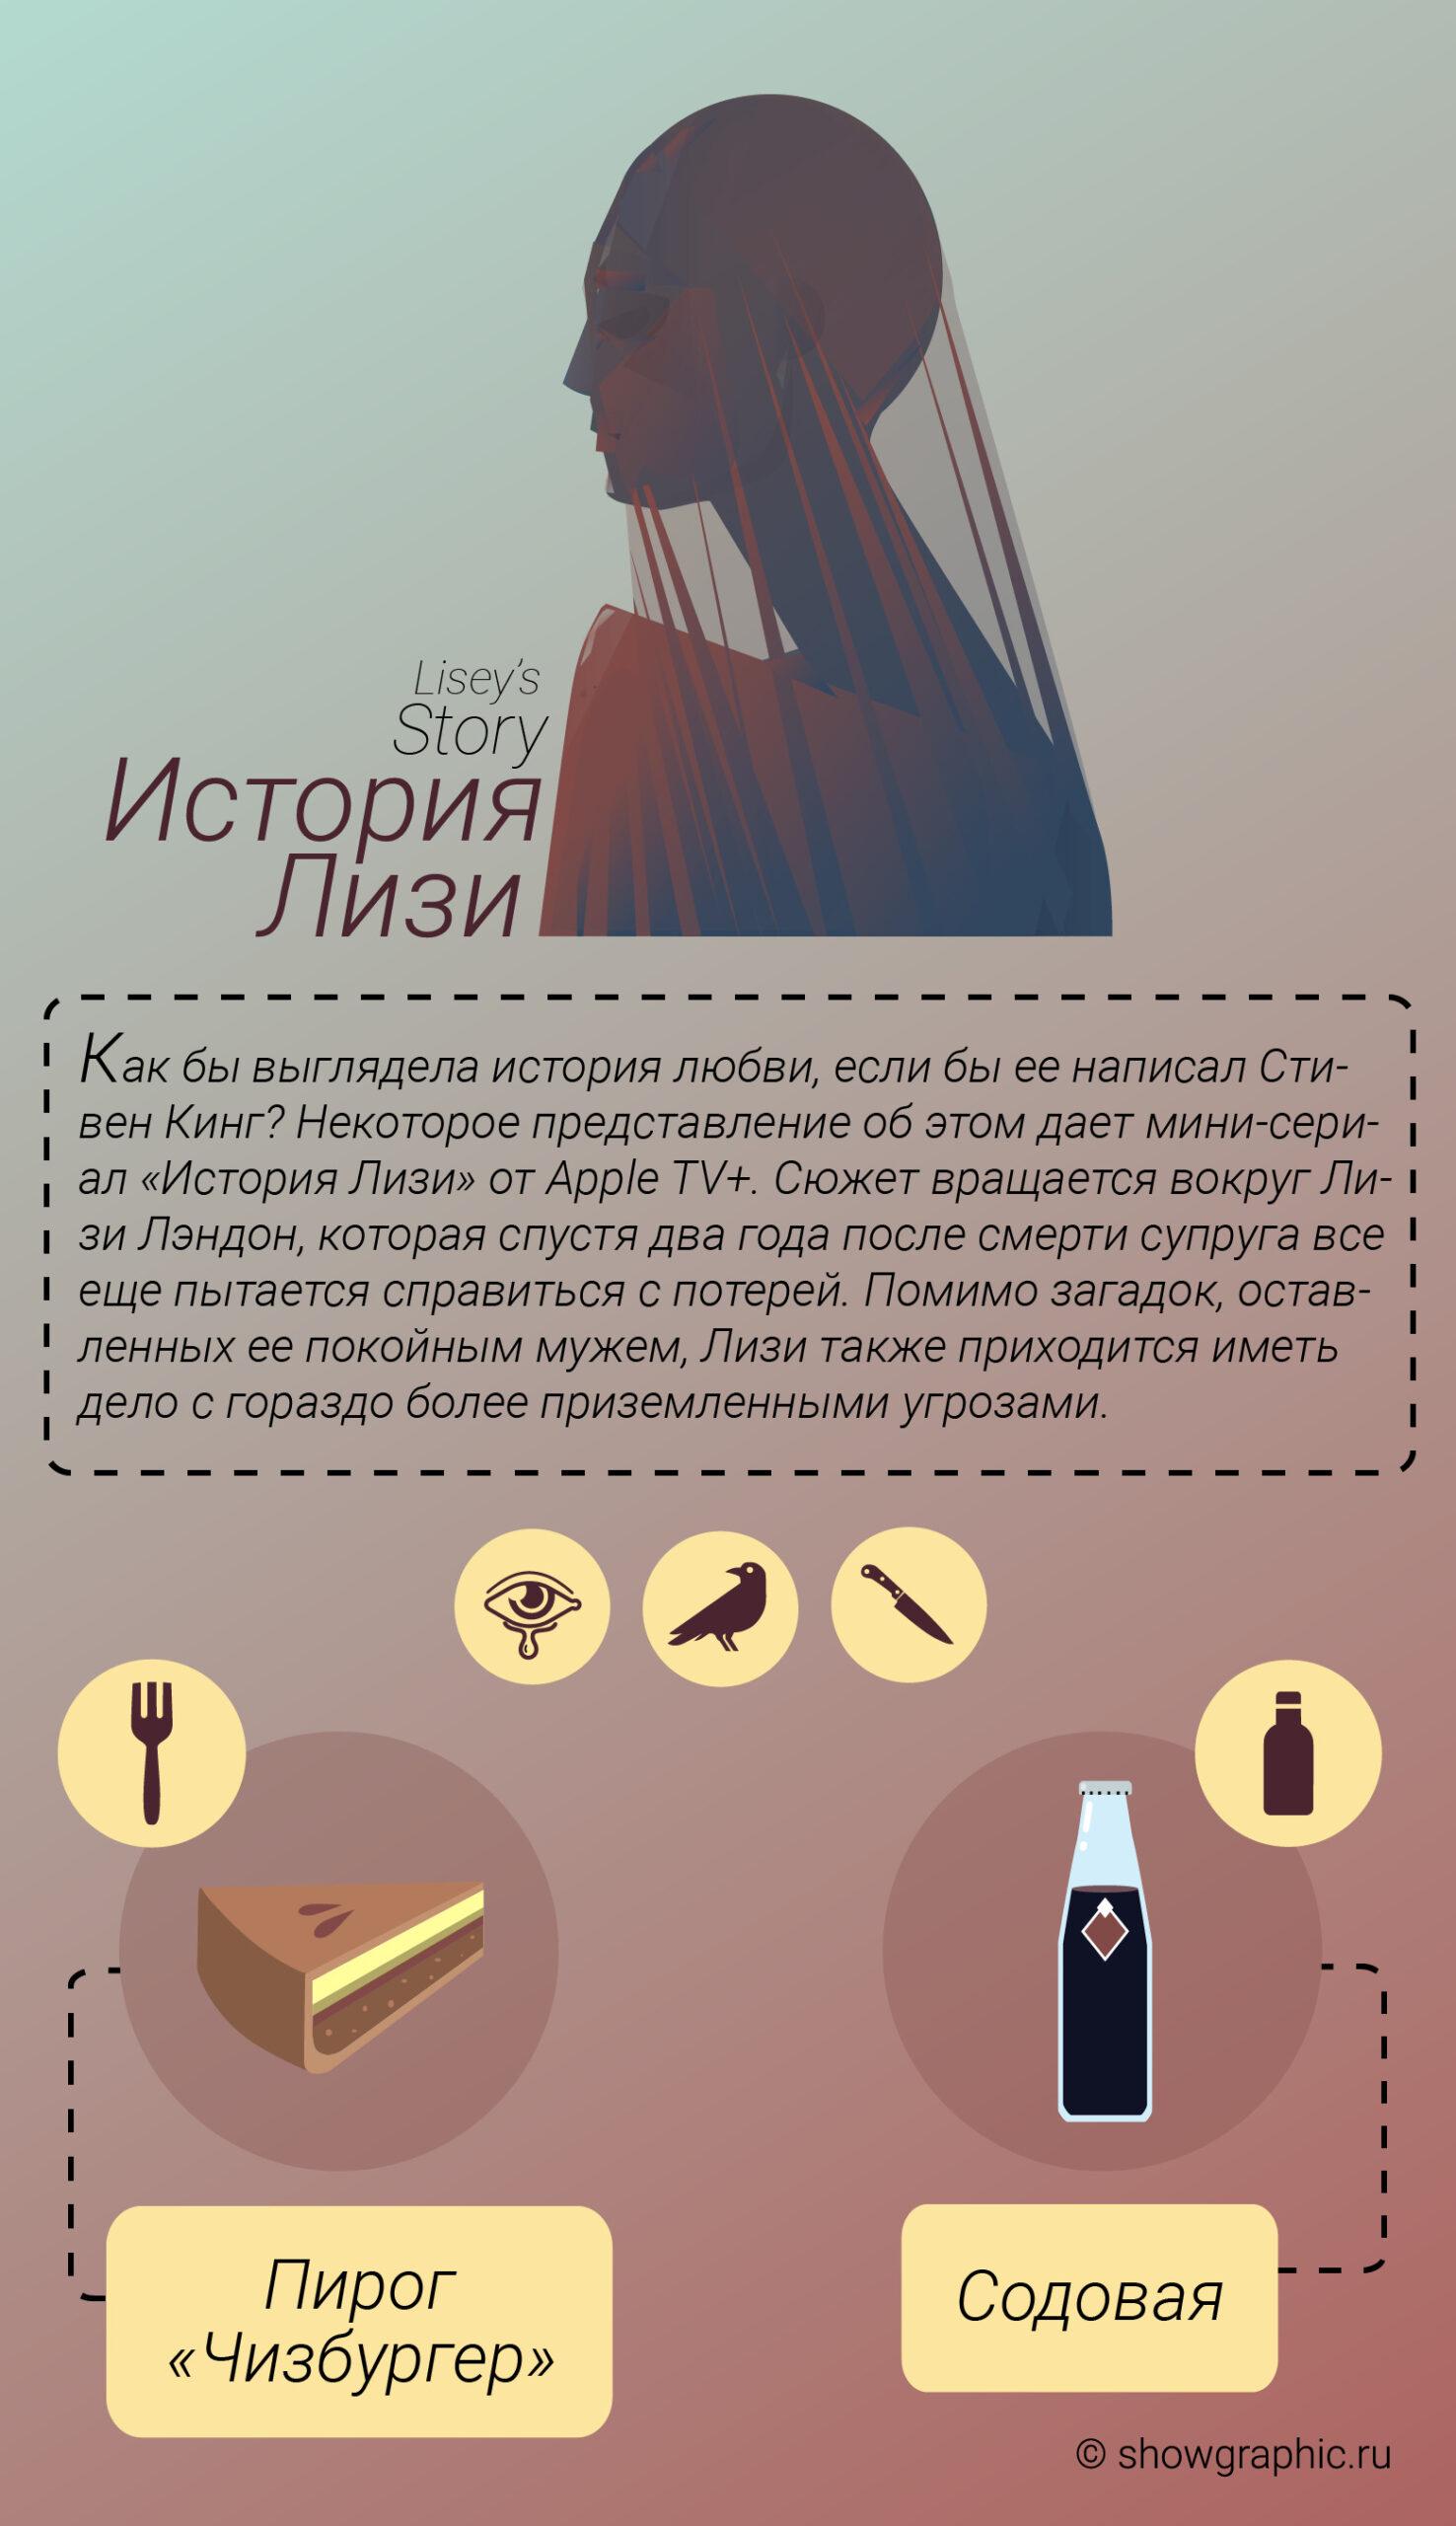 история лизи инфографика